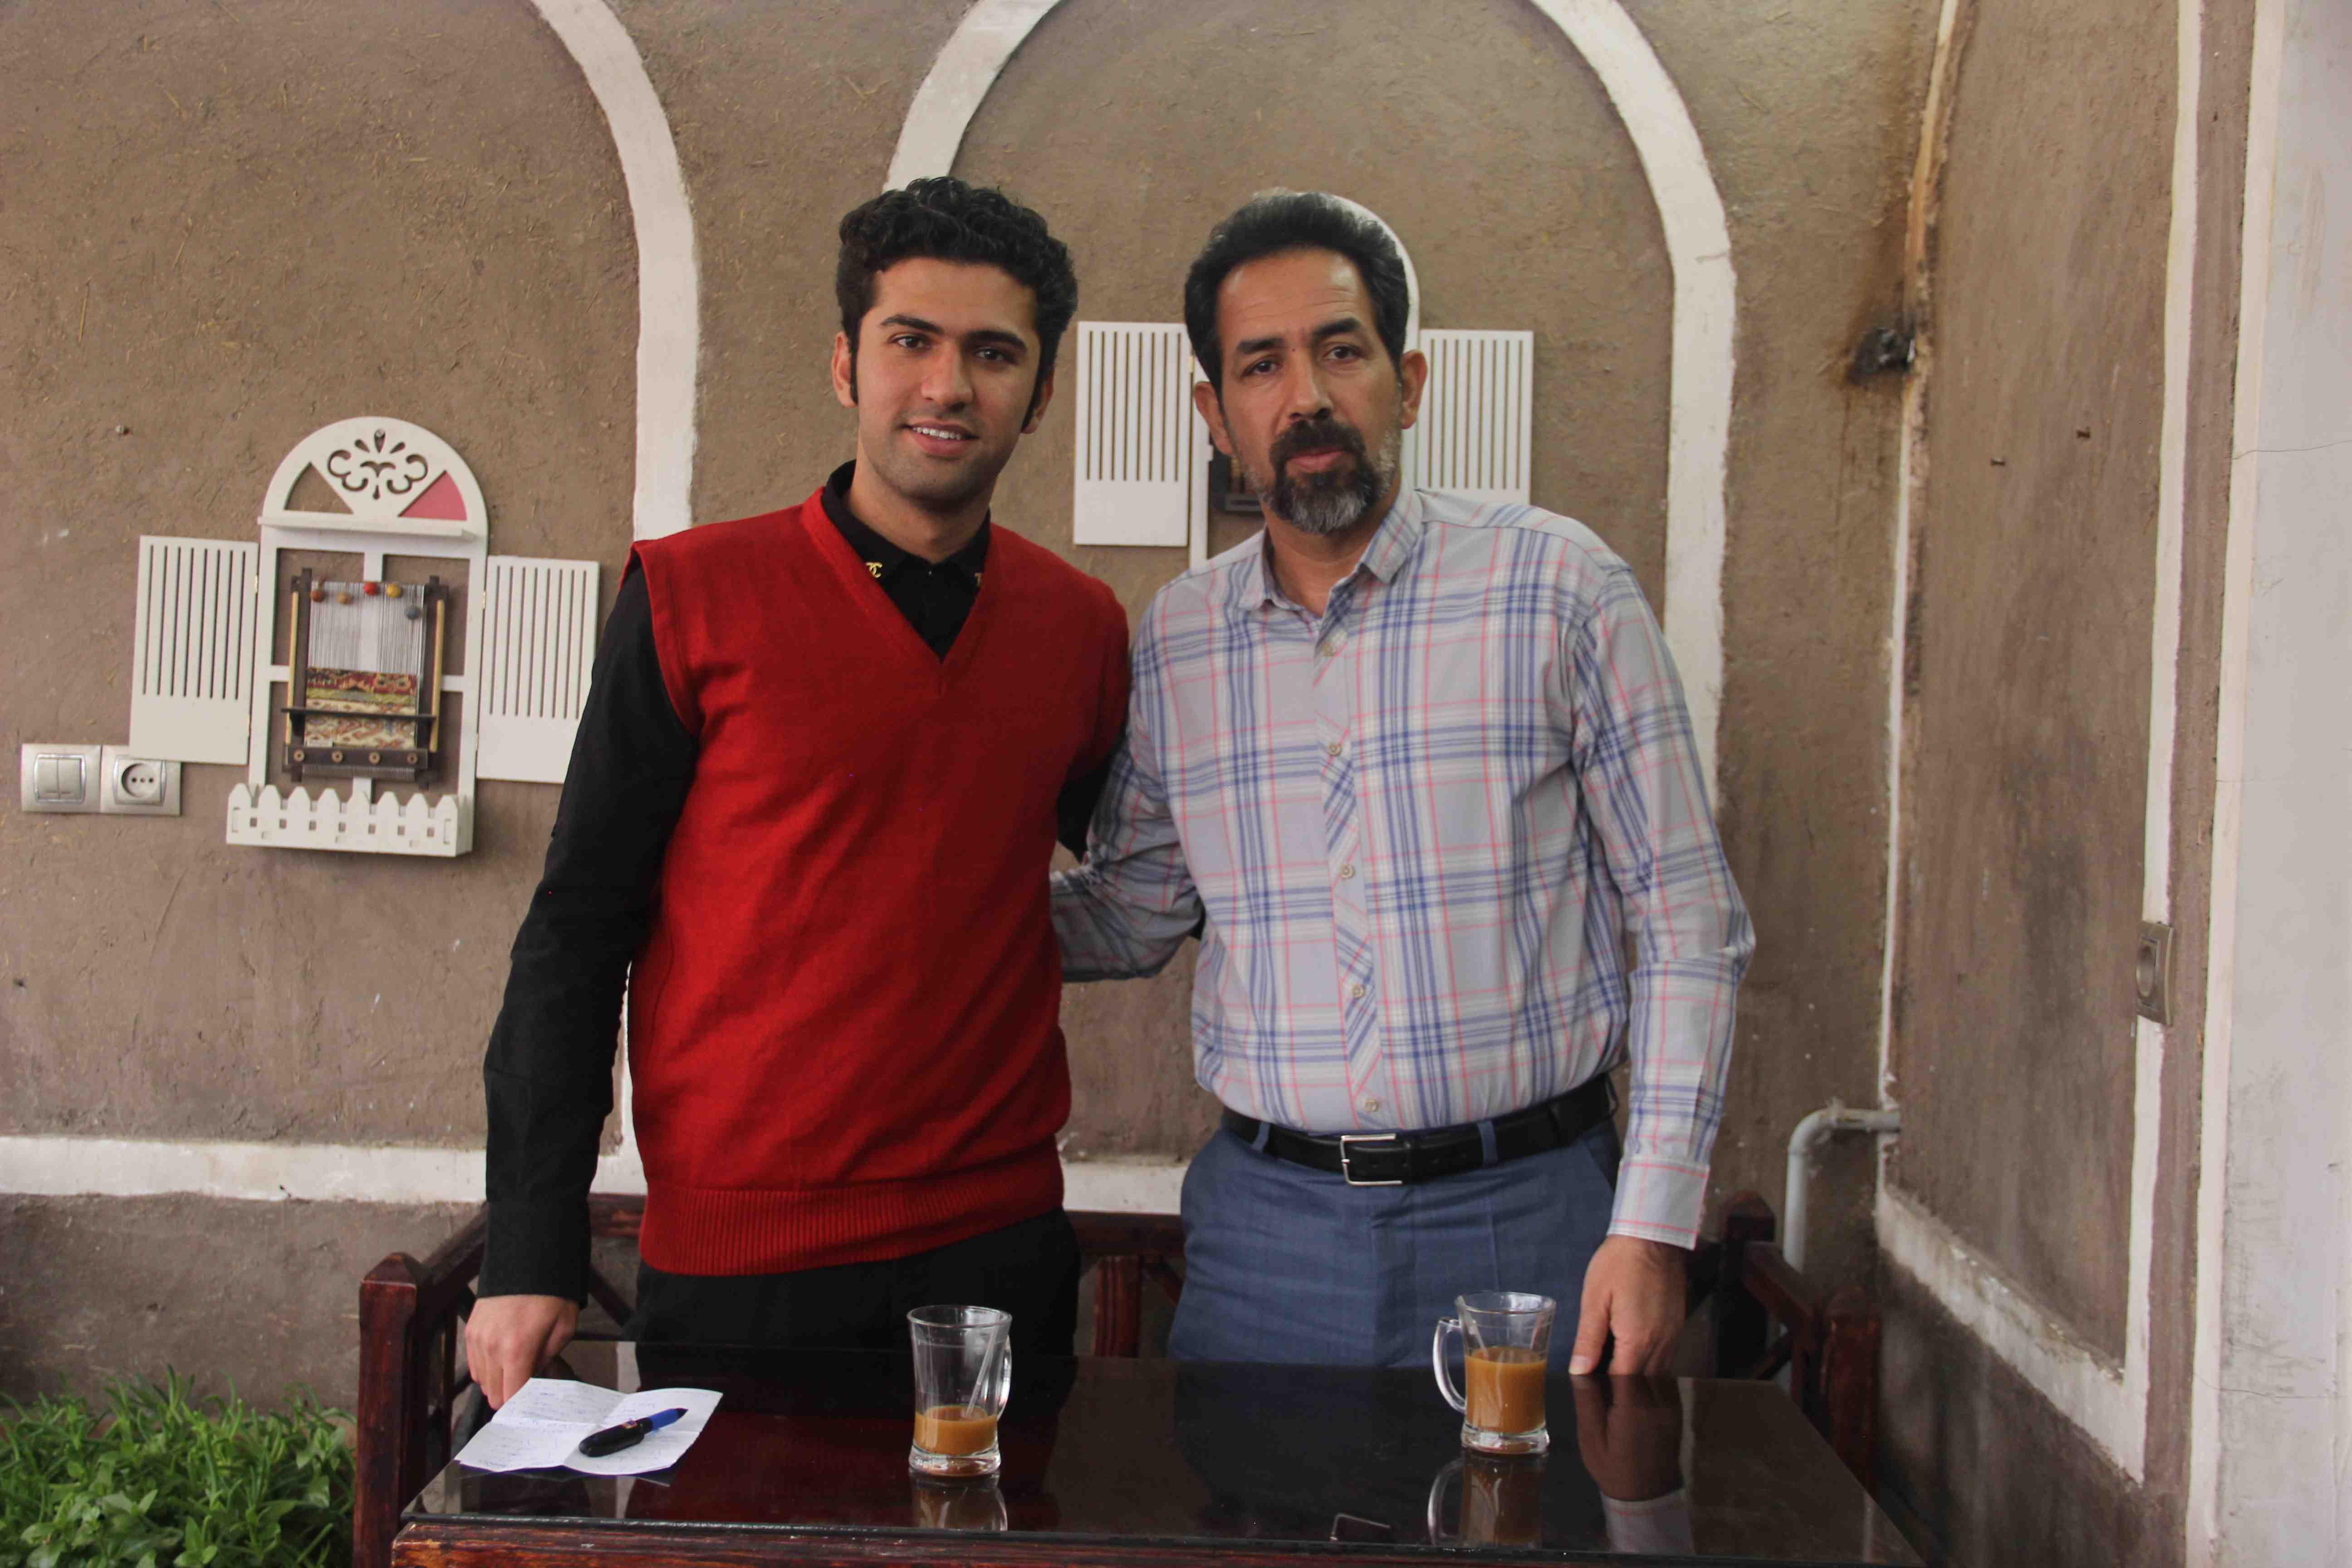 عیدانه فوتبالی/ بخش دوم و پایانی گفت و گوی آیت الرحمن صالحی با احمد نخعی سرمربی سابق مس کرمان